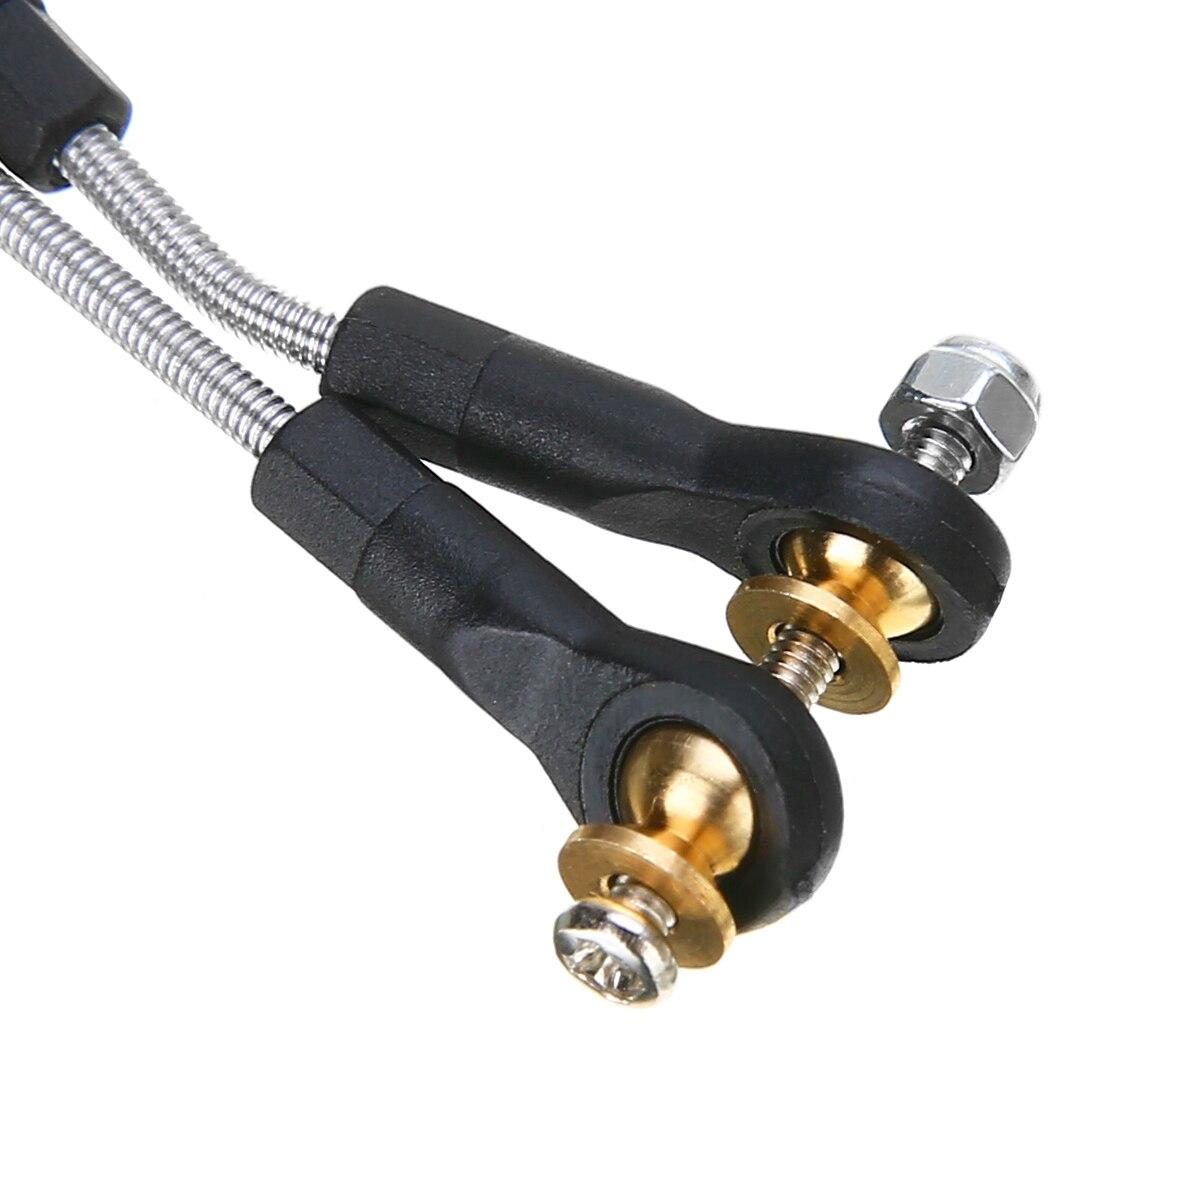 1 Set Metal Steering Pull Rod Tool Parts Car Steering Pull Rod Upgrade Part For WPL B1 B14 B24 B24 C14 C24 1/16 Mayitr